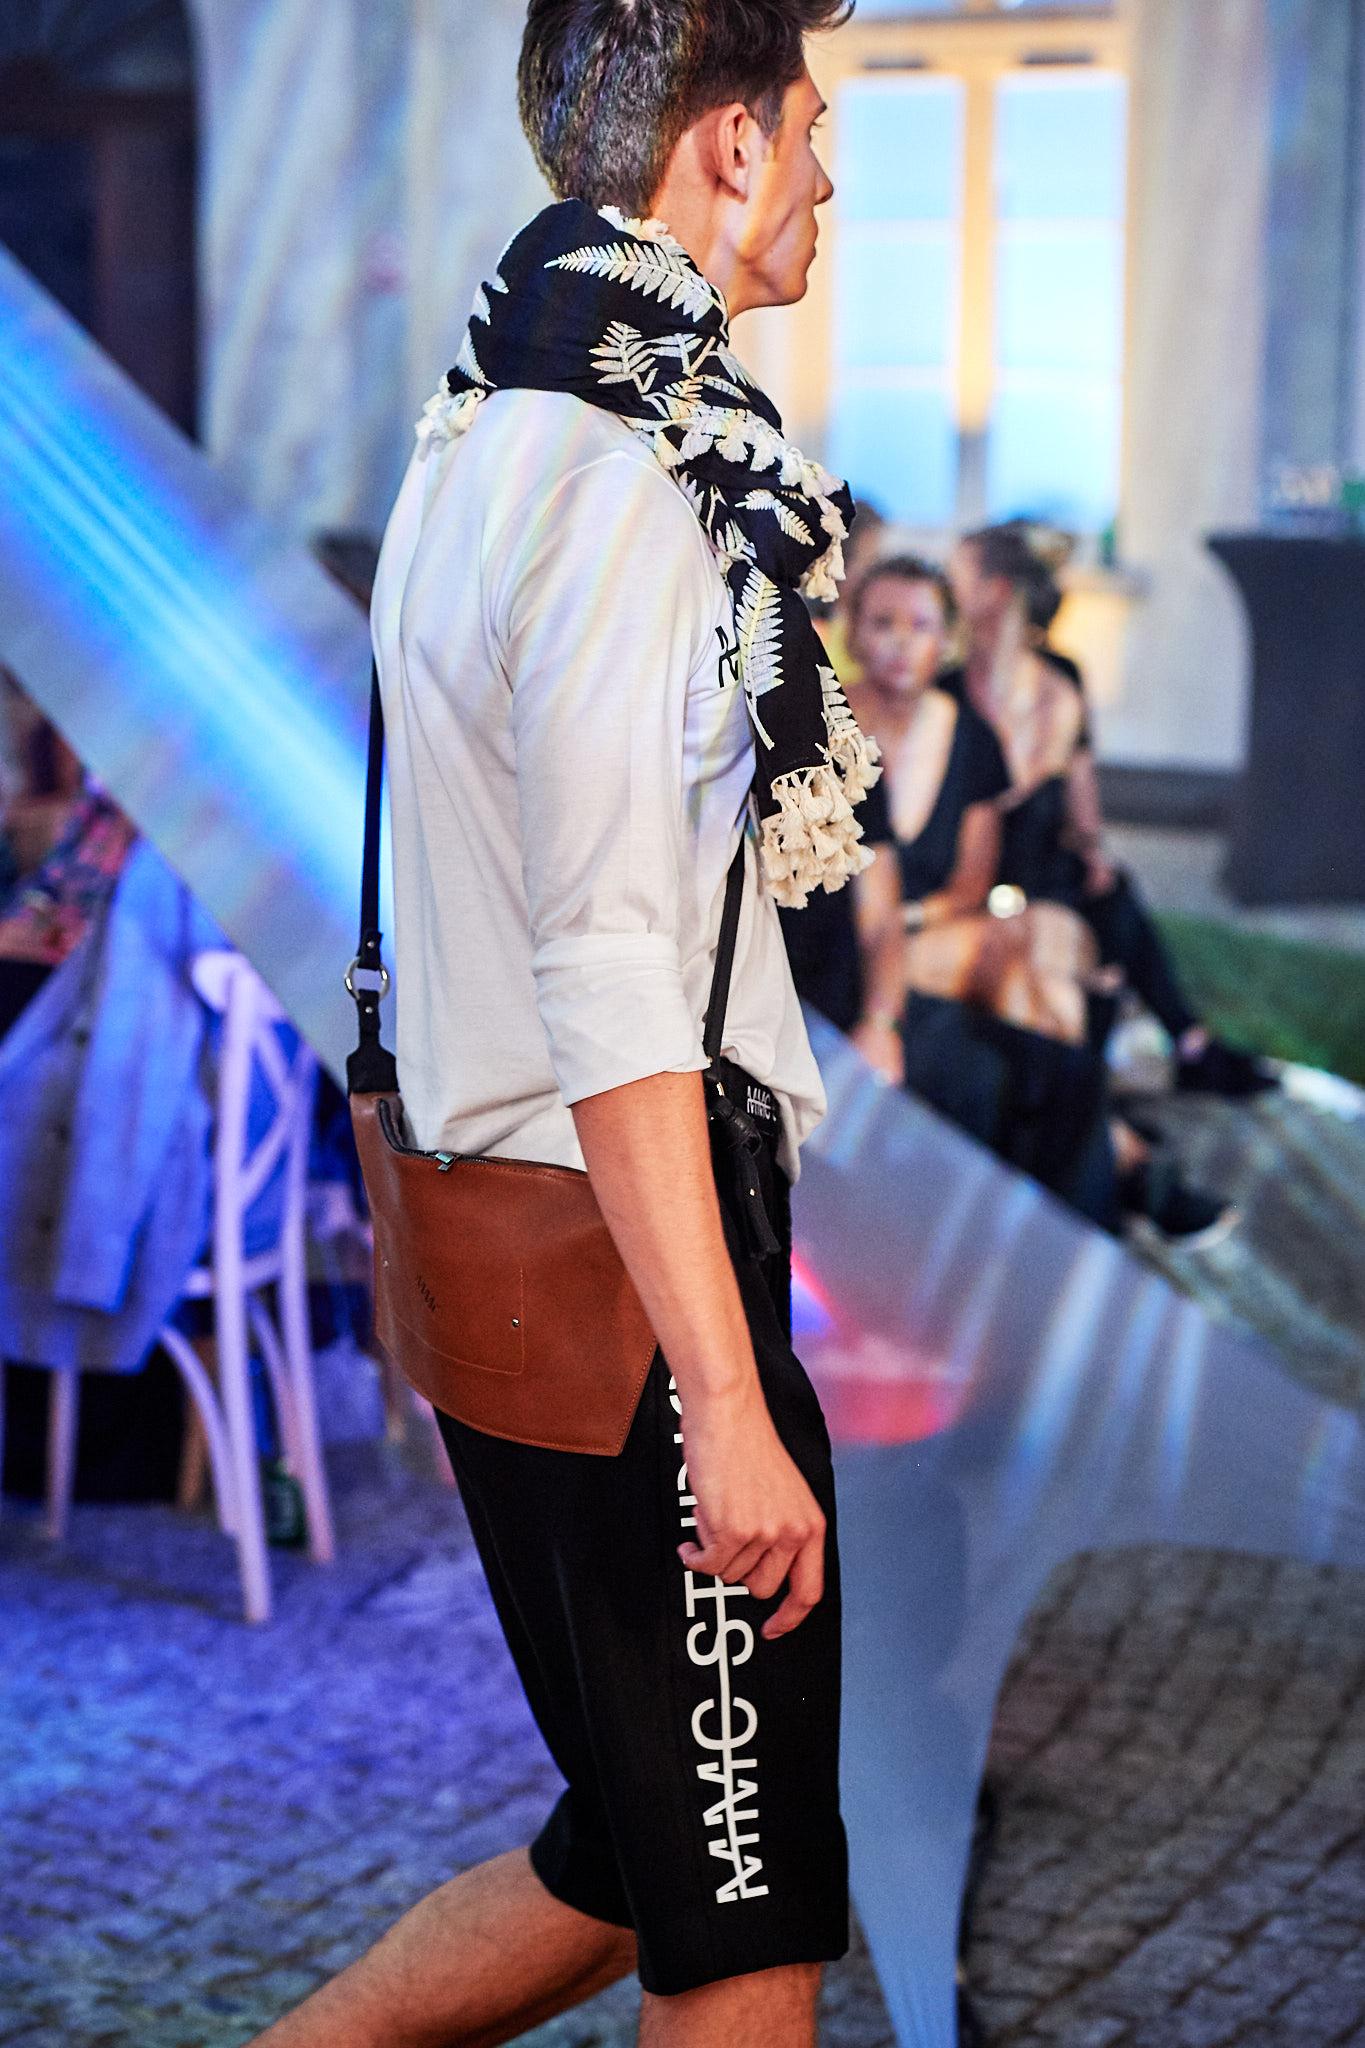 21_MMC-010719-lowres-fotFilipOkopny-FashionImages